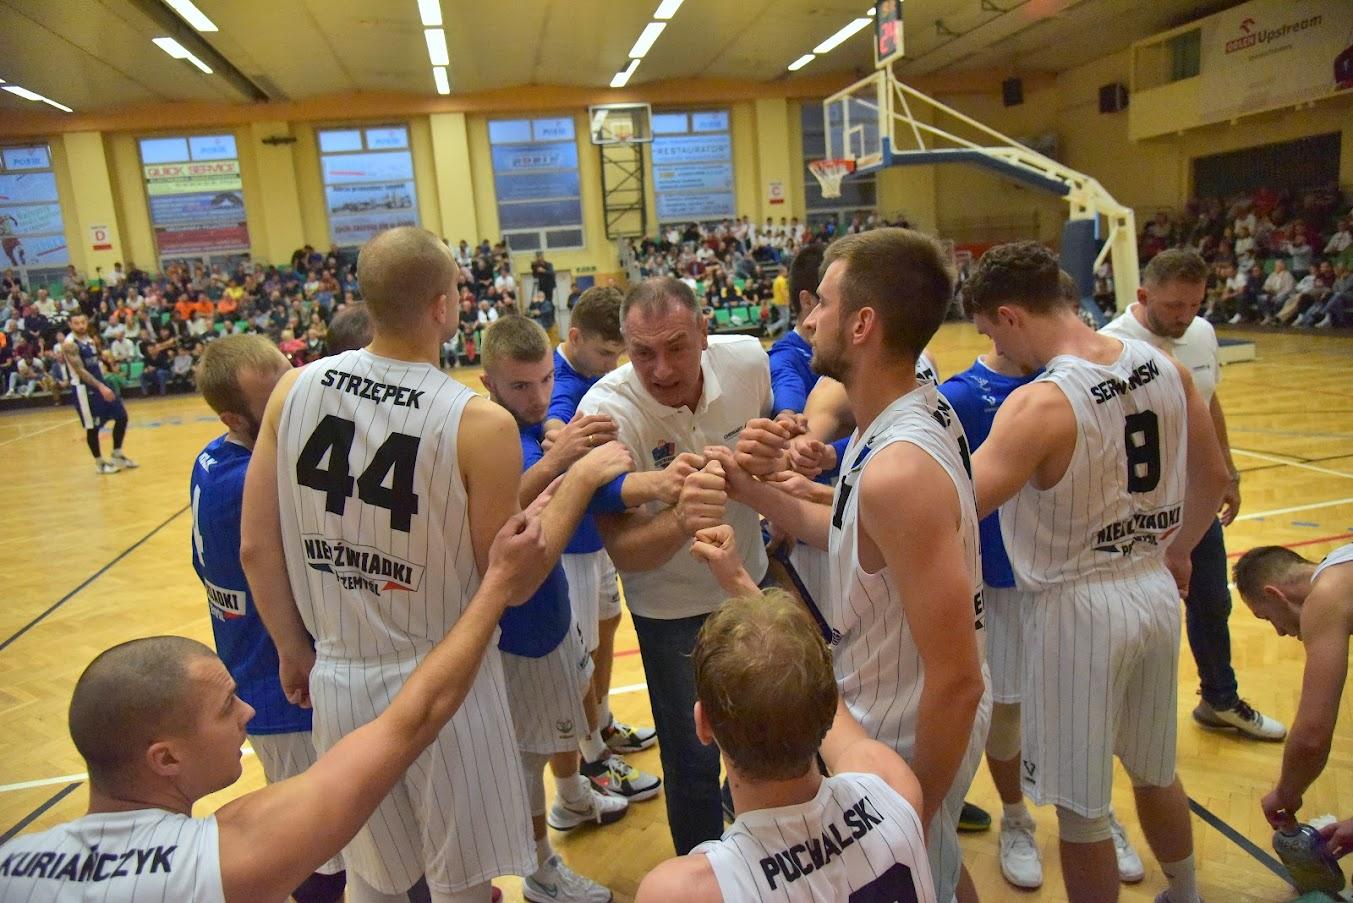 Seniorska koszykówka wróciła do Przemyśla. - Budujemy coś na nowo, a nie kupujemy składu - mówi Daniel Puchalski [ZDJĘCIA, WIDEO] - Zdjęcie główne